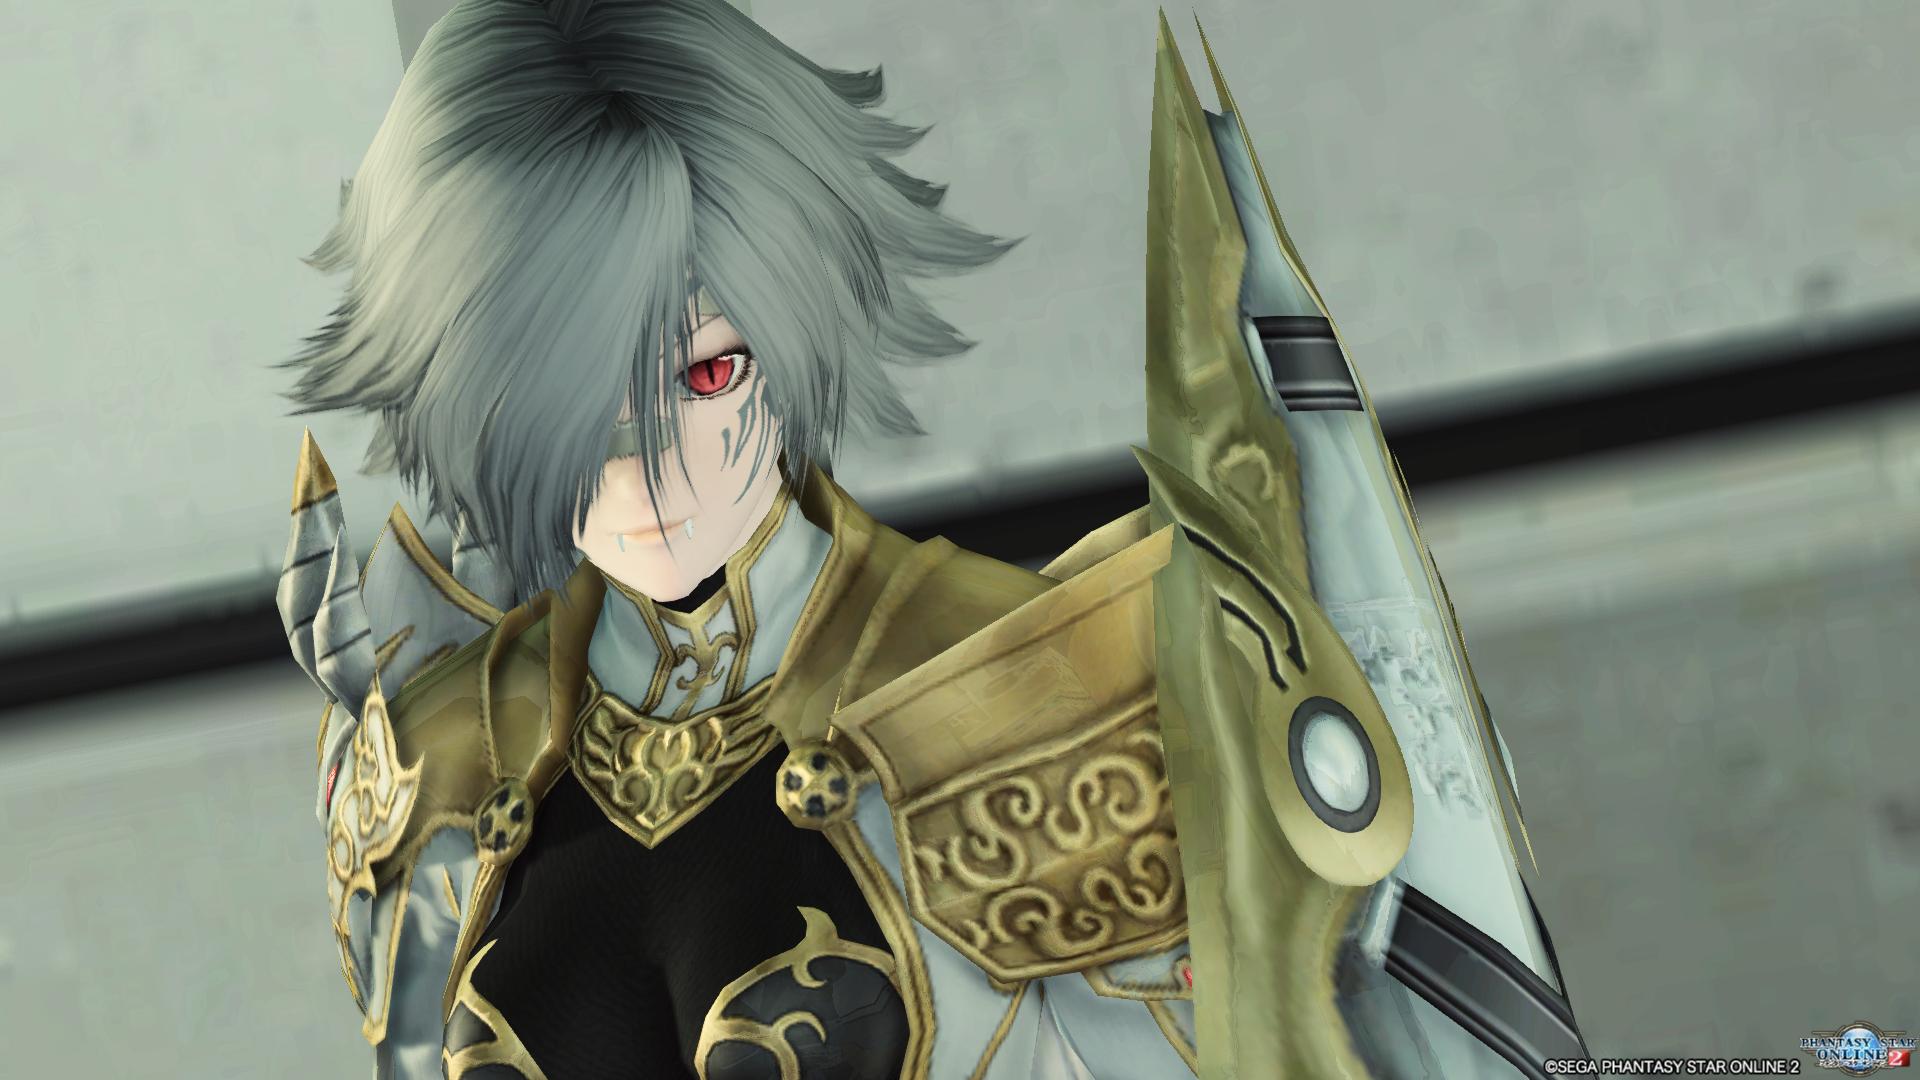 アリサの戦装束 ヘビ目は万能性が高く、非常に便利な瞳です。